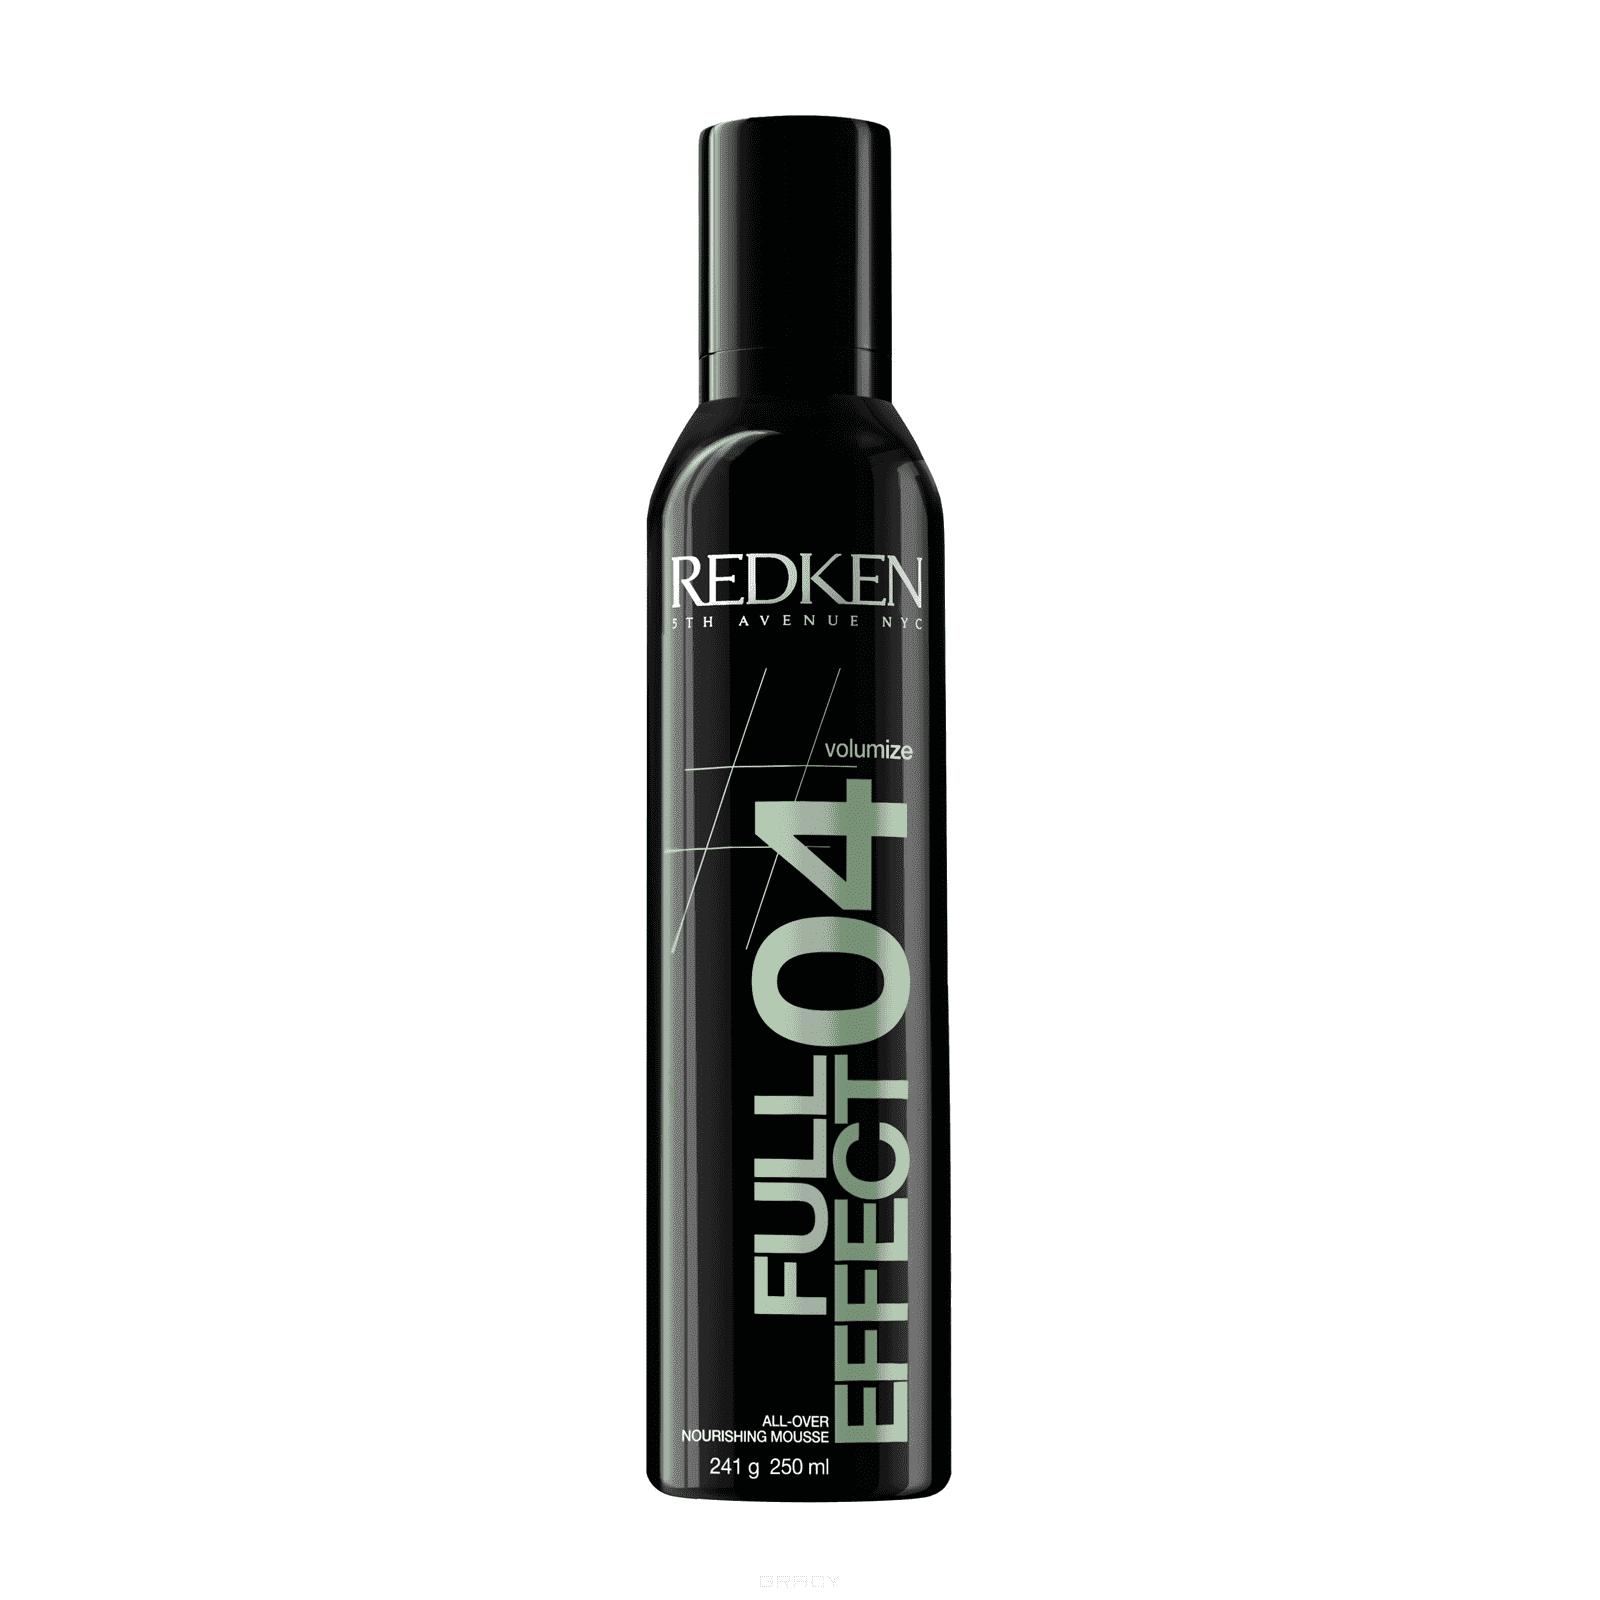 Увлажняющий мусс-объем для волос Full Effect 04, 250 млУвлажняющий мусс-объем для волос: легкий контроль.&#13;<br>&#13;<br>&#13;<br>&#13;<br>Увлажняющий мусс обладает особой формулой, которая обогащена увлажняющими компонентами, придающими волосам необходимую плотность, и обеспечивающими надежную защиту вследствие неблагоприятных для волос последствий: различного рода тепловых воздействий, в число которых входит использование фена, утюжка и других приборов.&#13;<br>&#13;<br>&#13;<br>&#13;<br>Окрашенным волосам мусс также обеспечивает хорошую защиту, сохранение насыщенности оттенка. Мусс Фул Эффект 04 способствует поднятию волос от корней и приданию им особого объема, при этом, не склеивая их и не утяжеляя. Длительность эффекта приятно удивит, поэтому волноваться за прическу в течение дня даже не стоит.&#13;<br>&#13;<br>&#13;<br>&#13;<br>Увлажняющий мусс подходит всем типам волос, независимо от того, здоровы они или больны. Здоровые укрепятся вдвойне, а больные станут сильнее.&#13;<br>&#13;<br>&#13;<br>&#13;<br>Способ применения:&#13;<br>&#13;<br>Небольшое количество средства необходимо нанести на волосы, распределив его простыми движениями по всей длине. Д...<br>